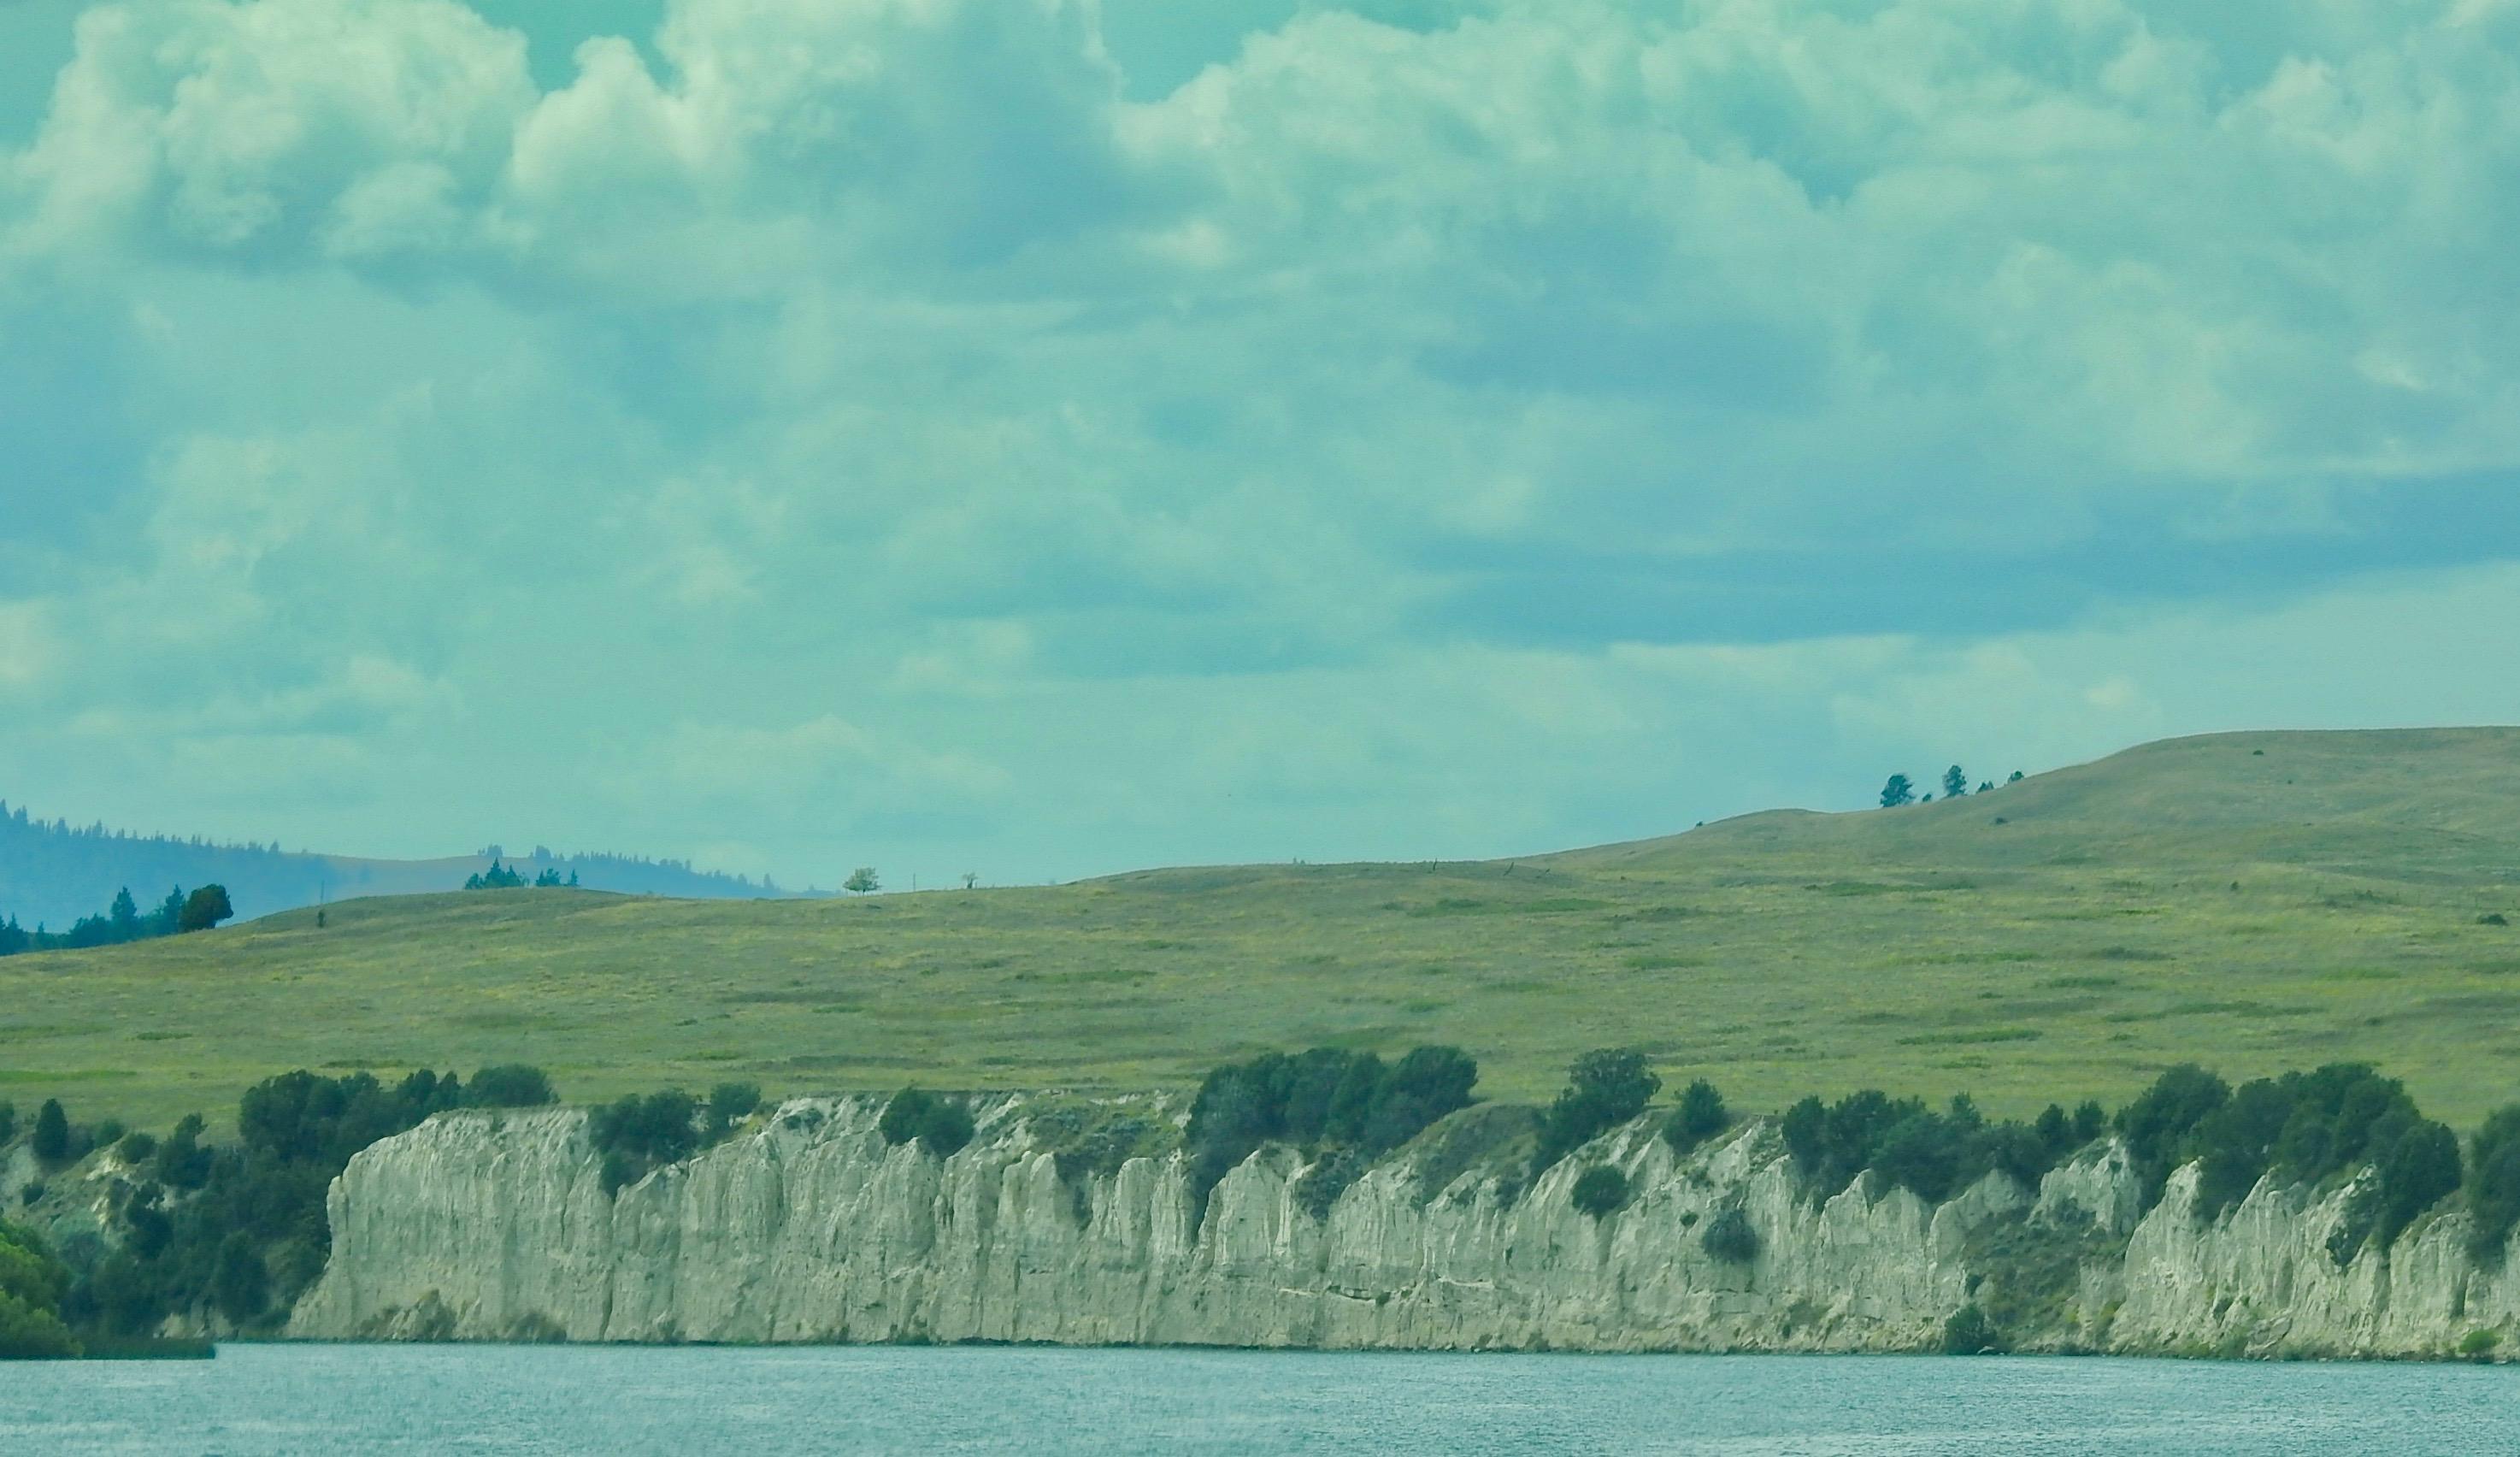 White Cliffs along Flathead lake